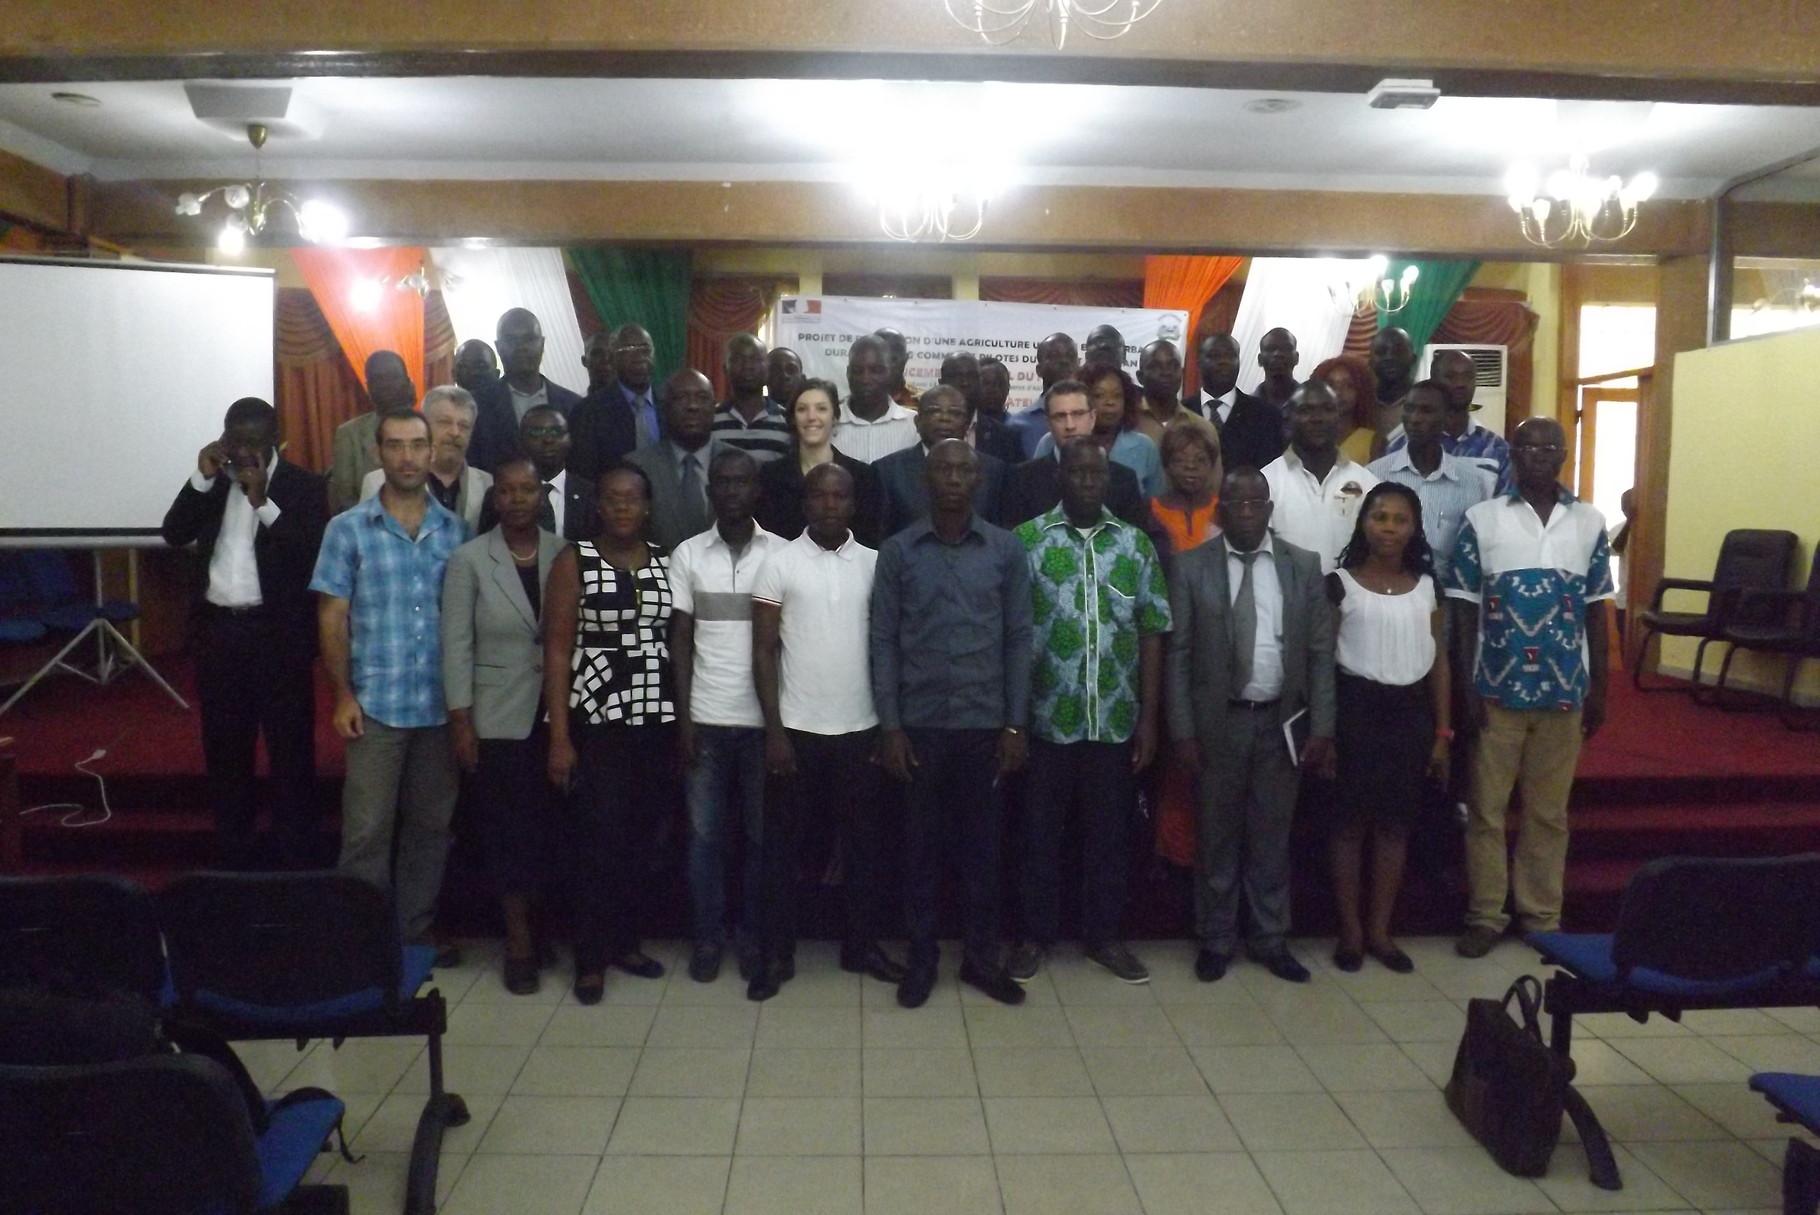 ceremonie d'ouverture de formation au district d'Abidjan